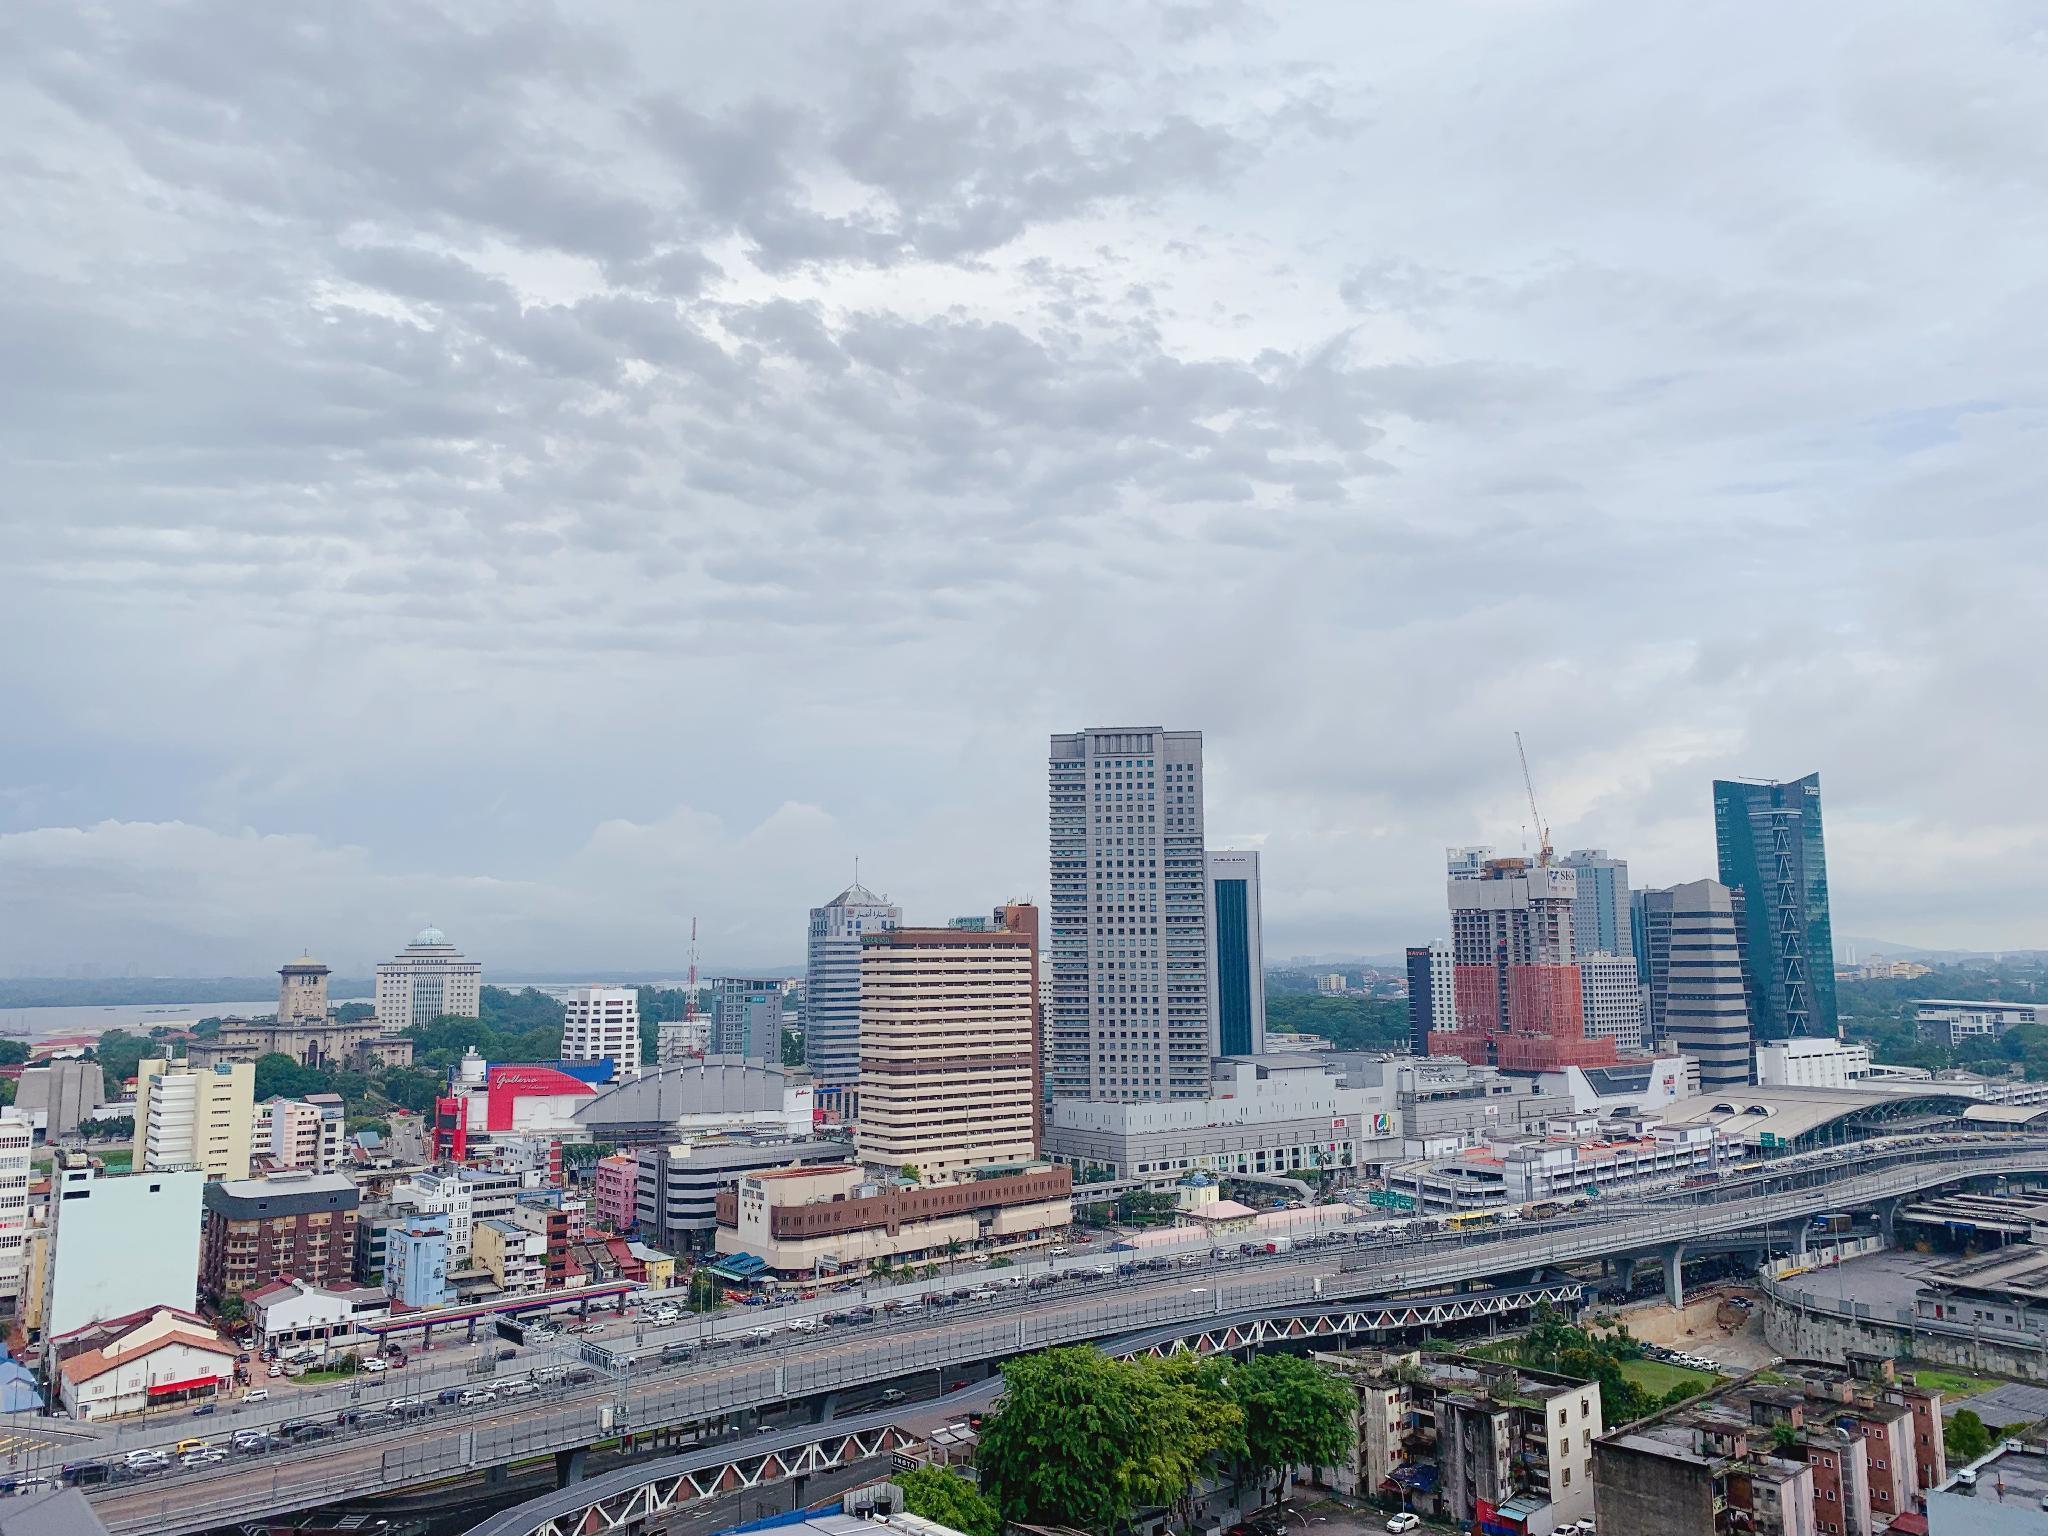 Johor Bahru City Center View @ RandF Princess Cove